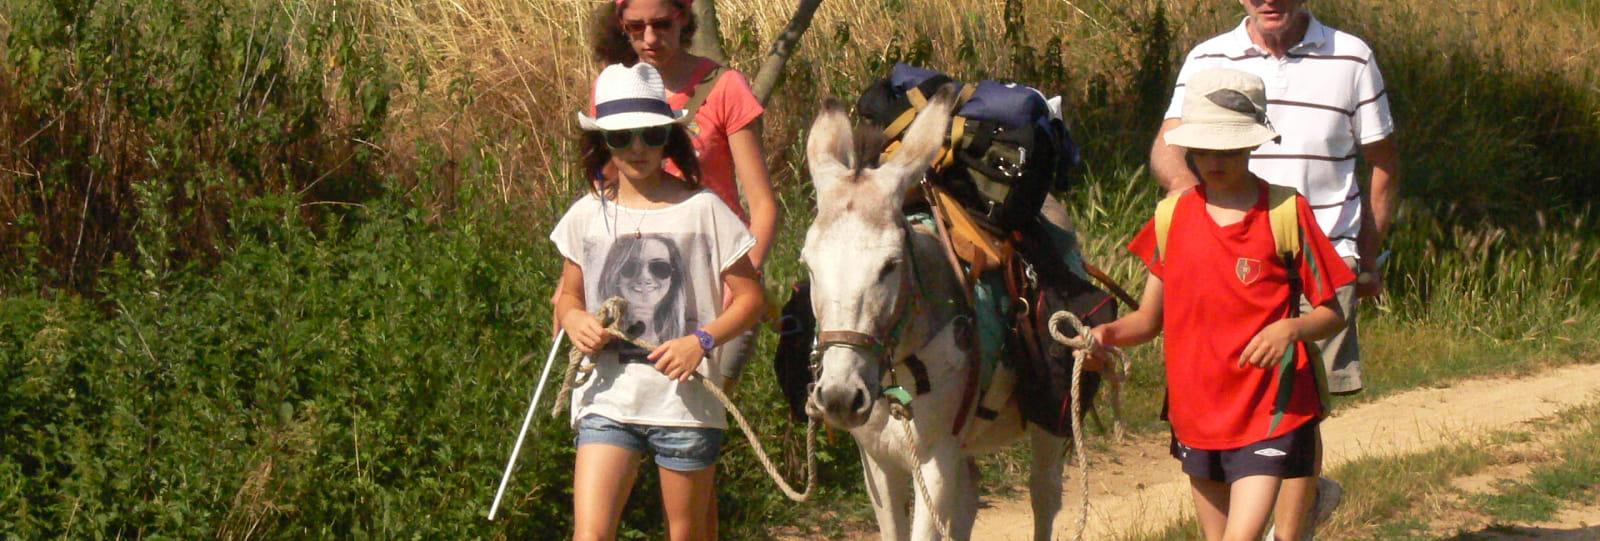 Une famille baladant avec un âne